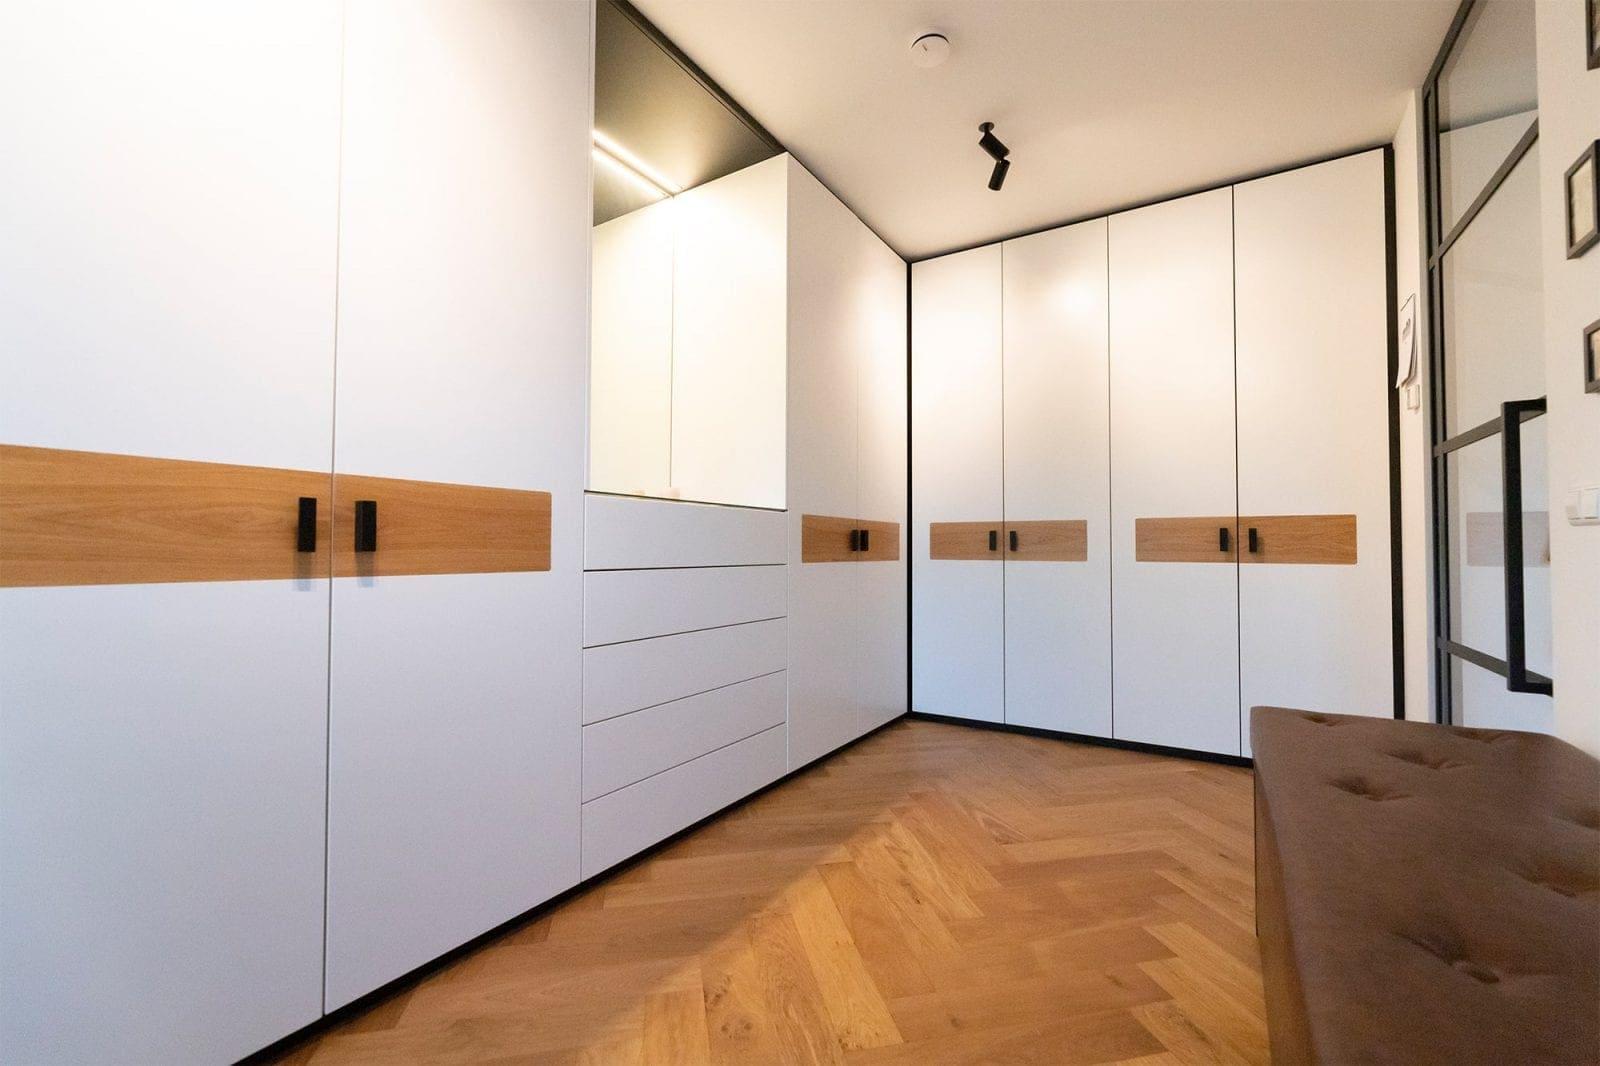 Interieurbouwer Dordrecht Hebben En Moderne Witte Keuken Gemaakt